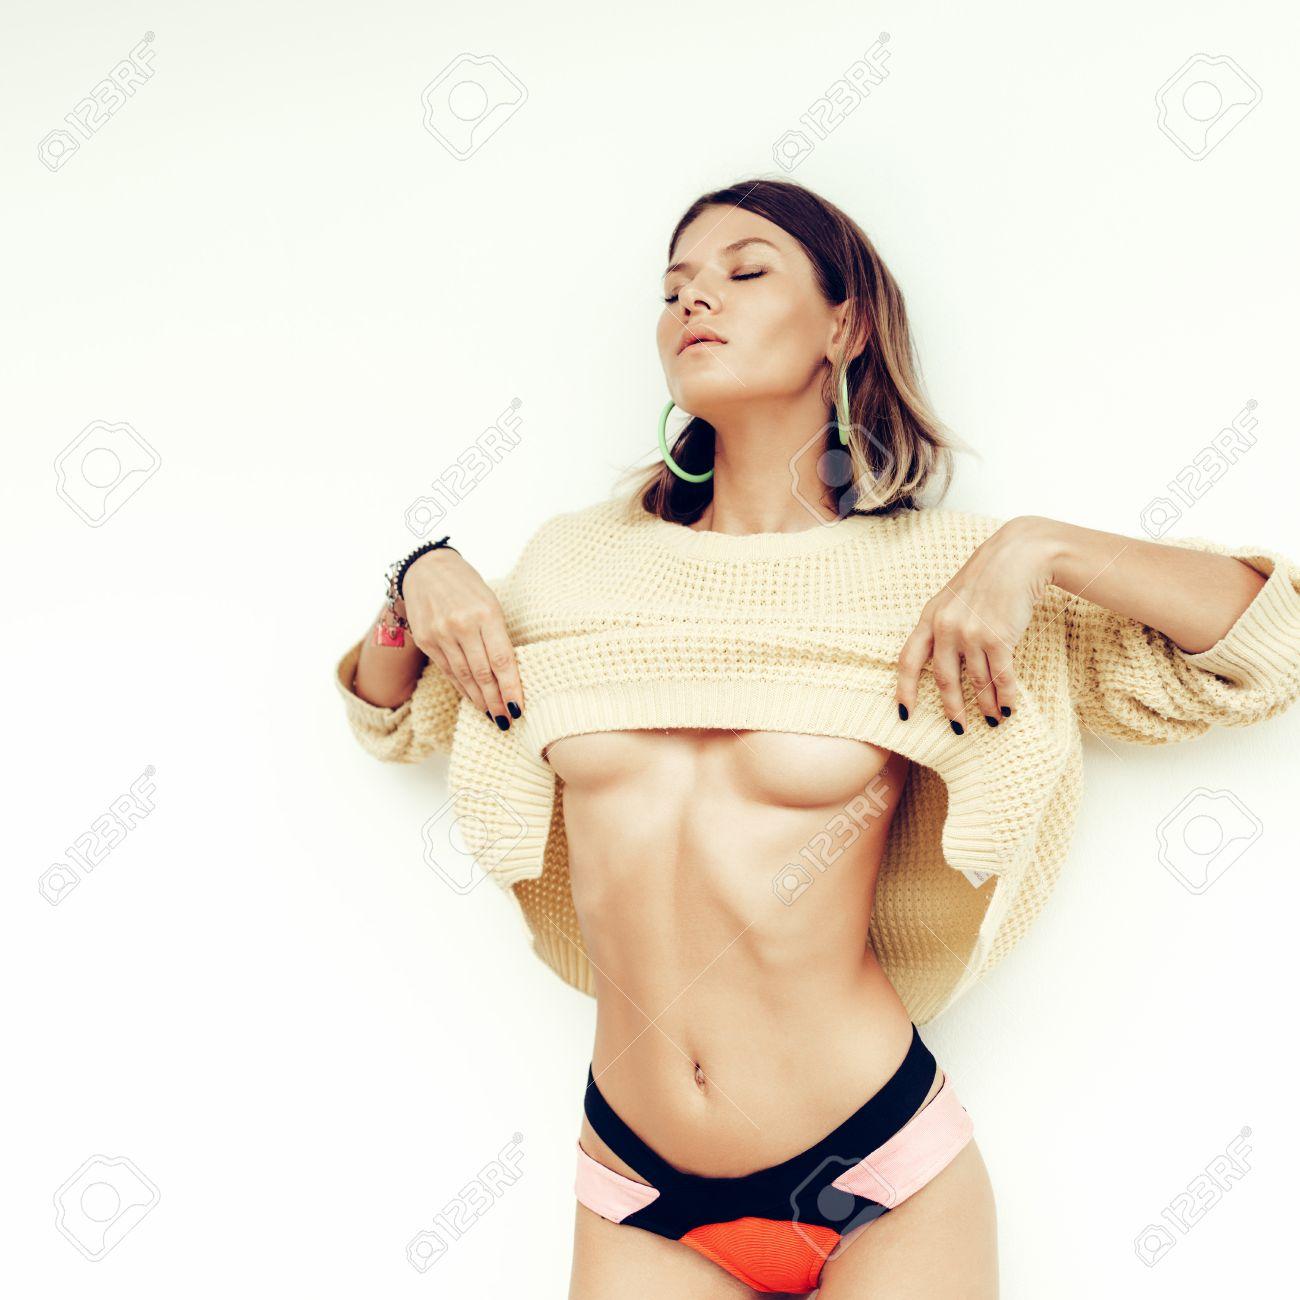 Girls in bikini taking it off